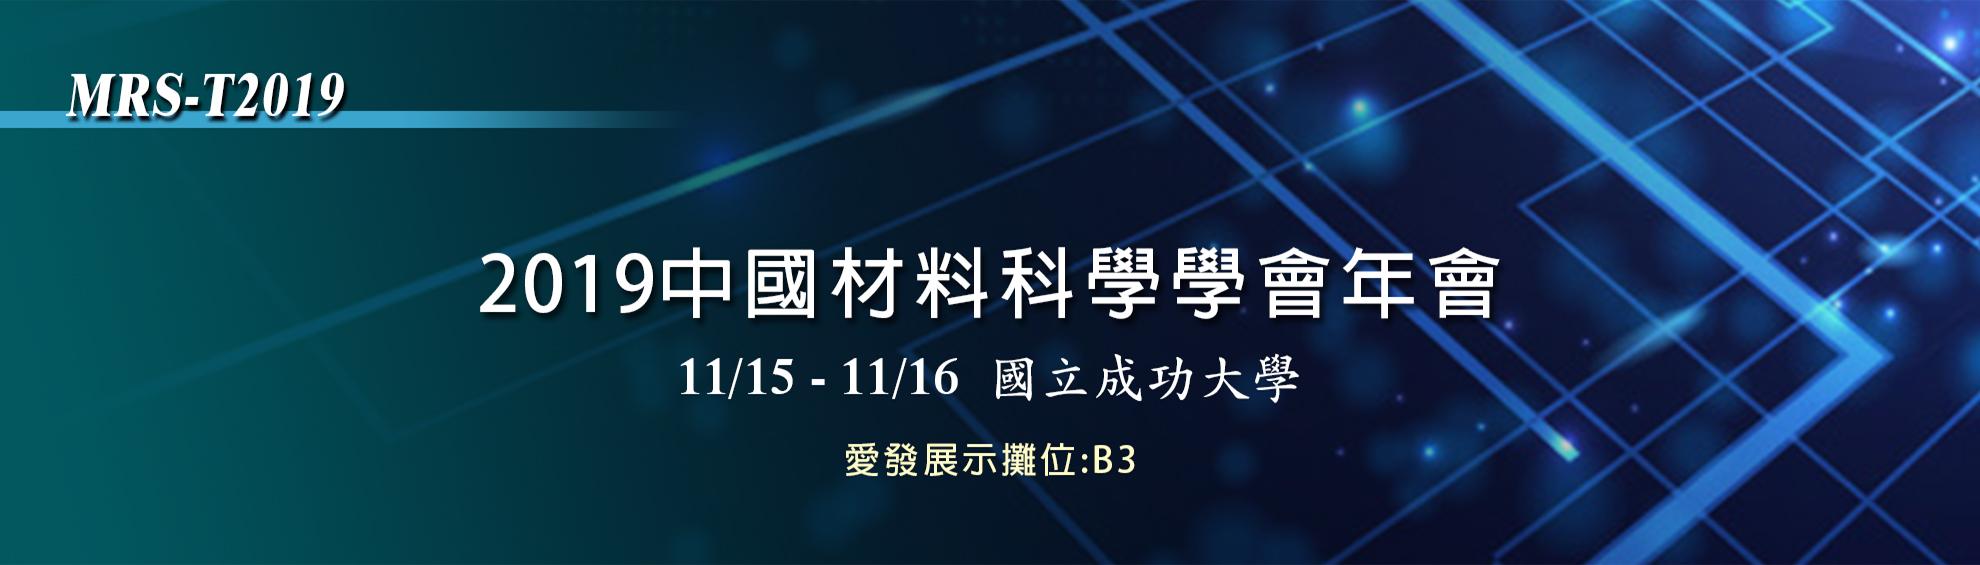 2019年中國材料科學學會年會